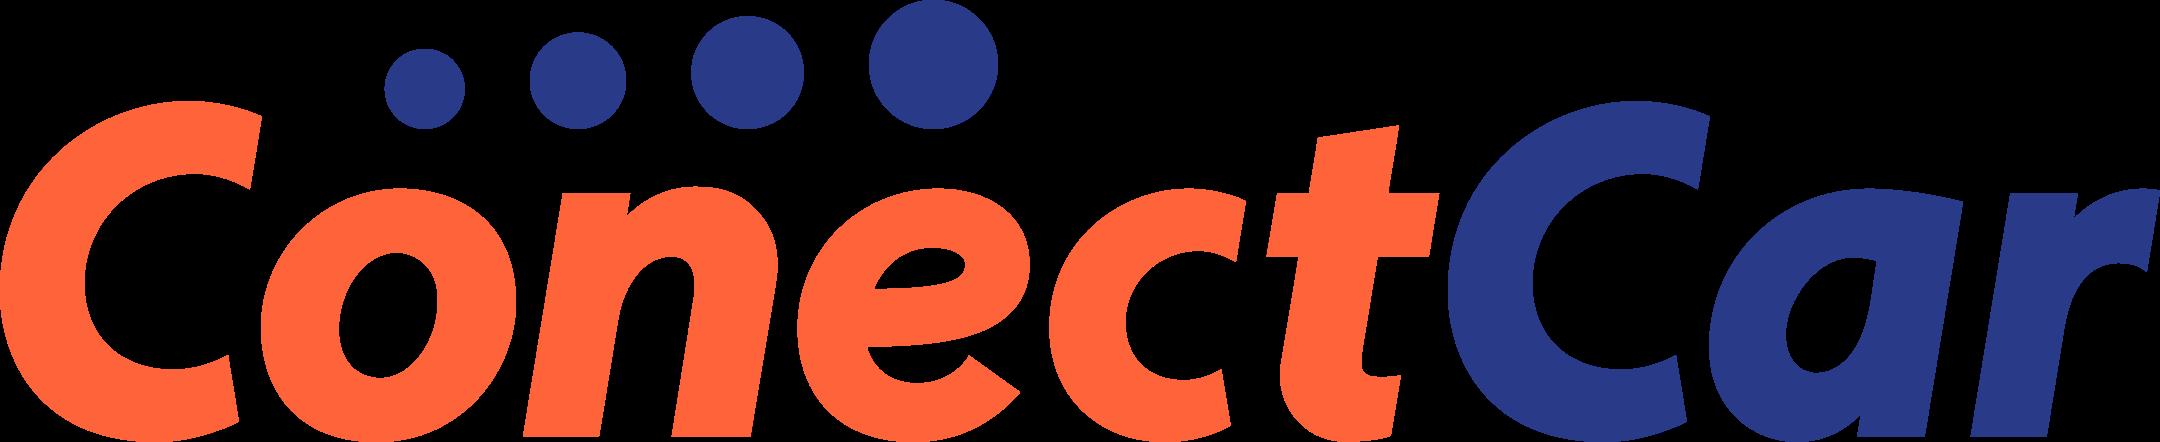 conectcar logo 1 - ConectCar Logo